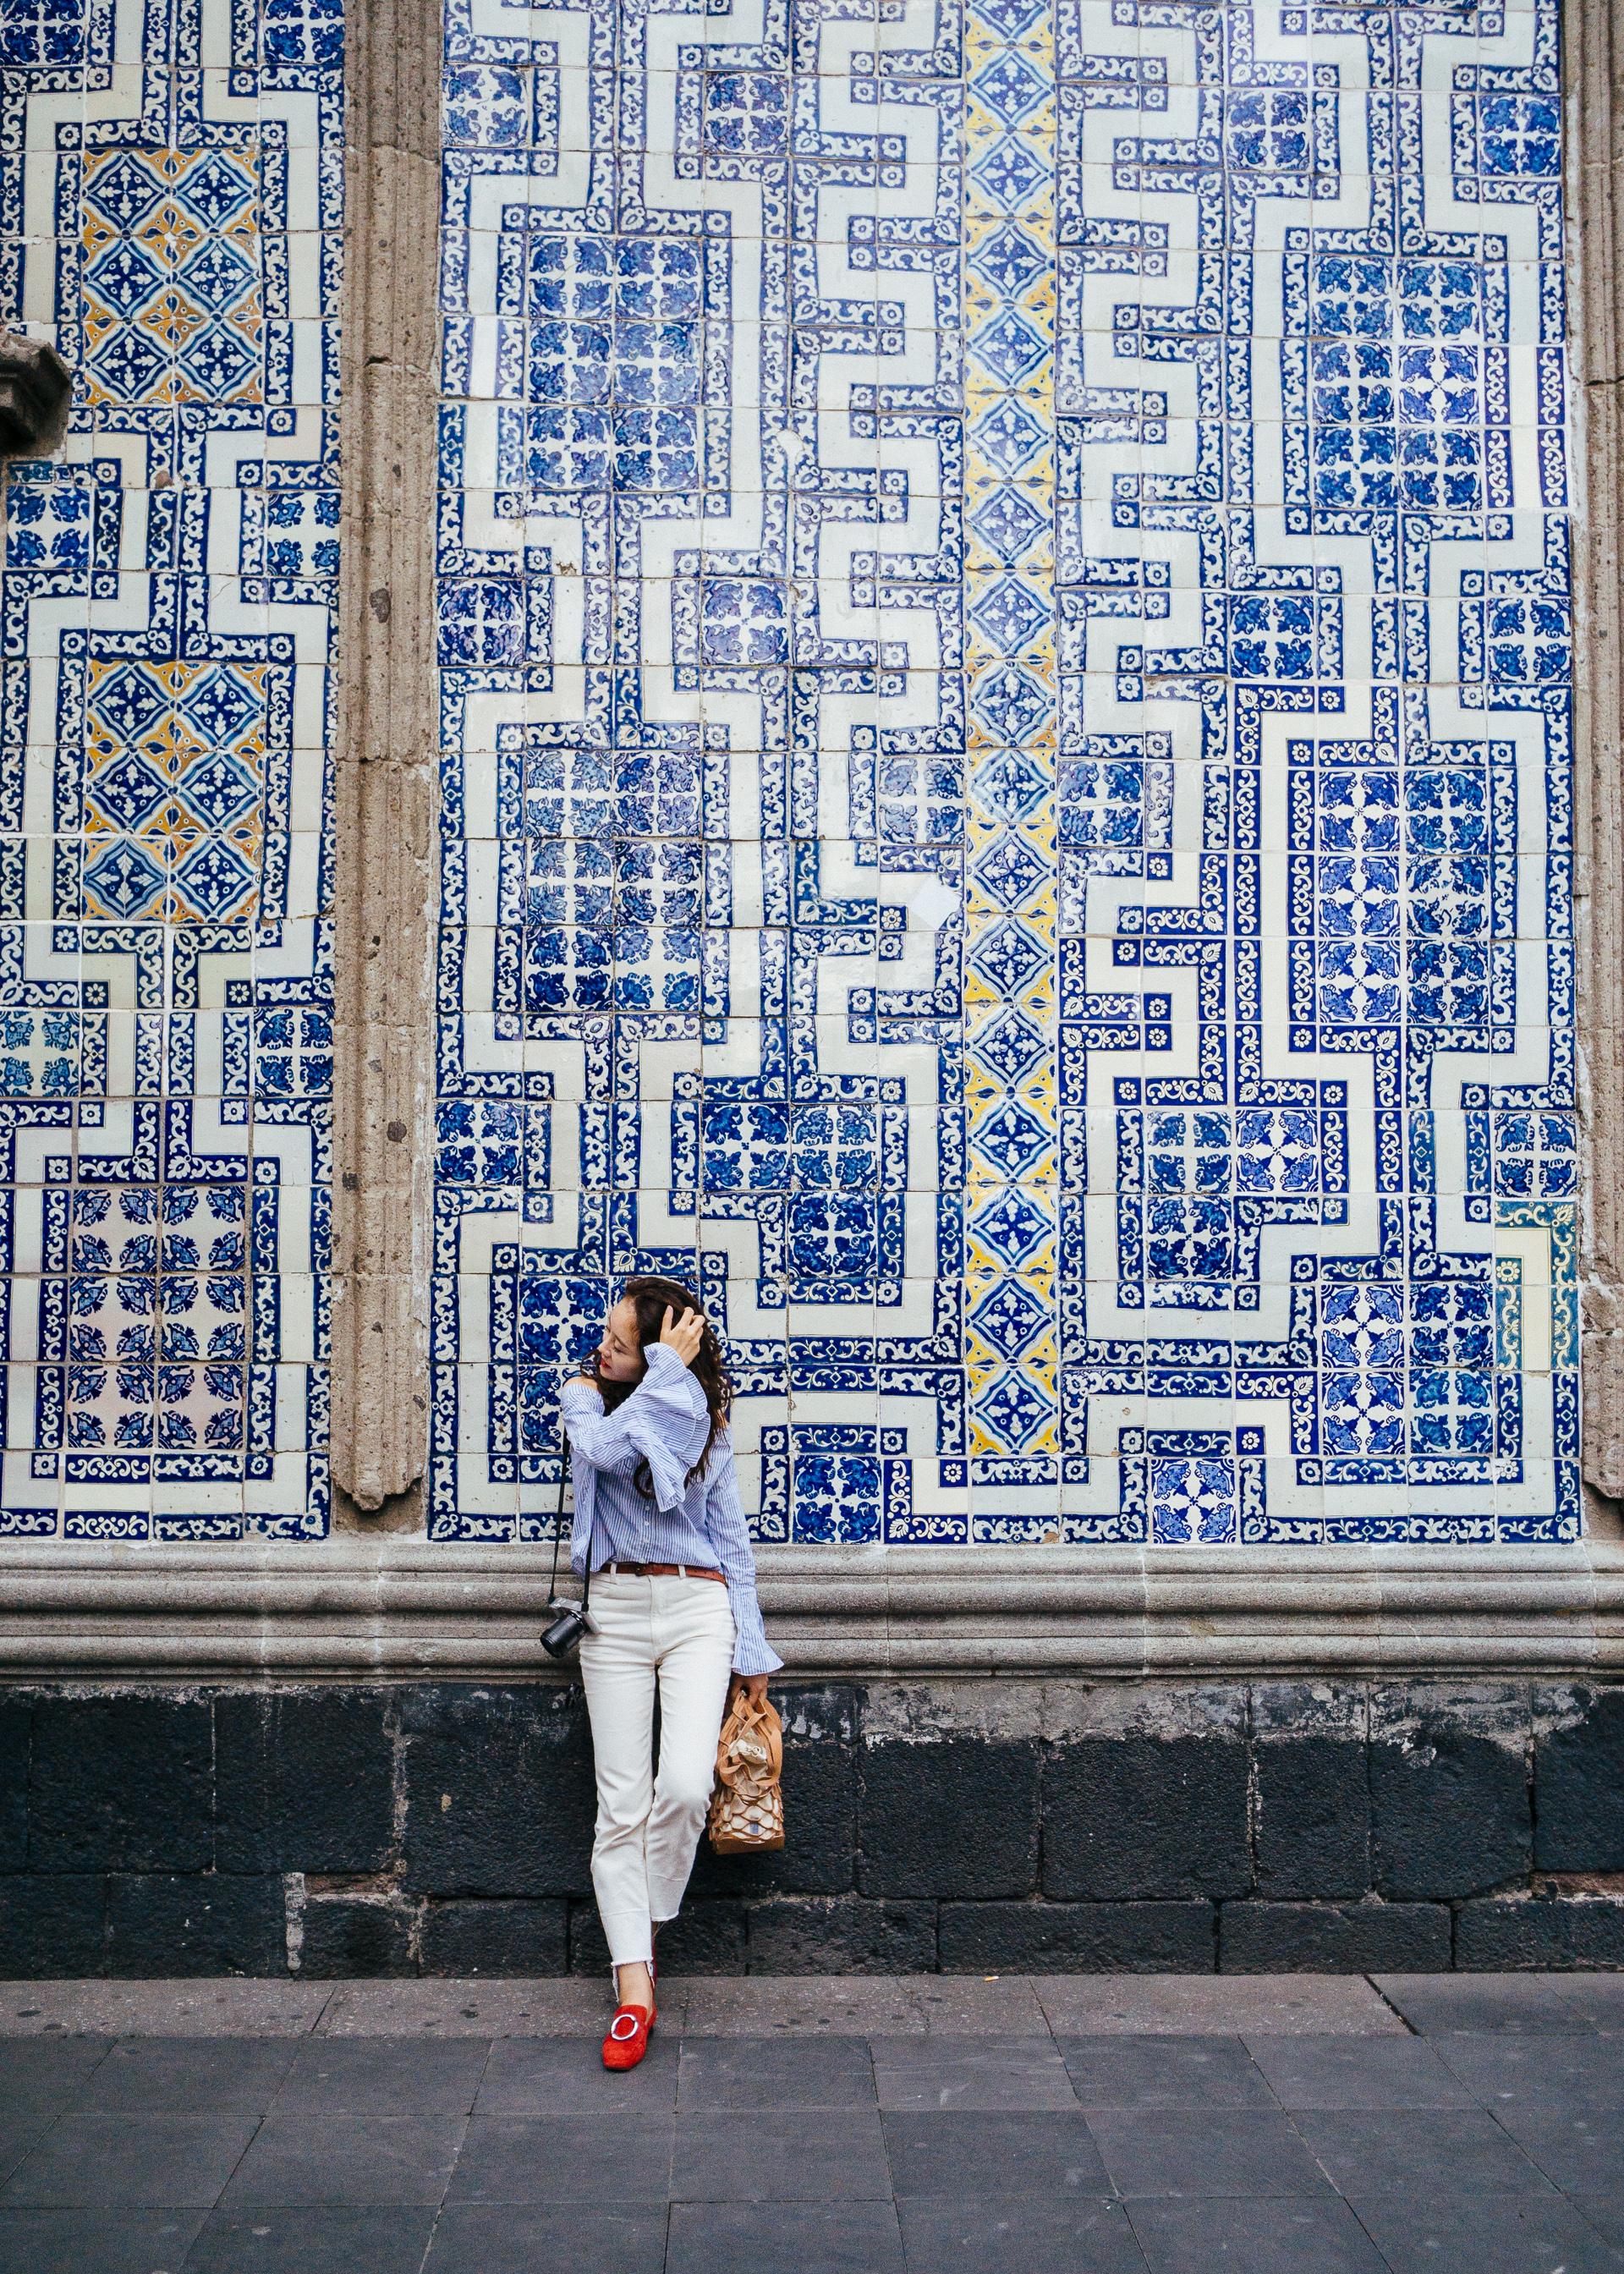 瓷砖之家醒目的蓝白外墙是网红们打卡的圣地